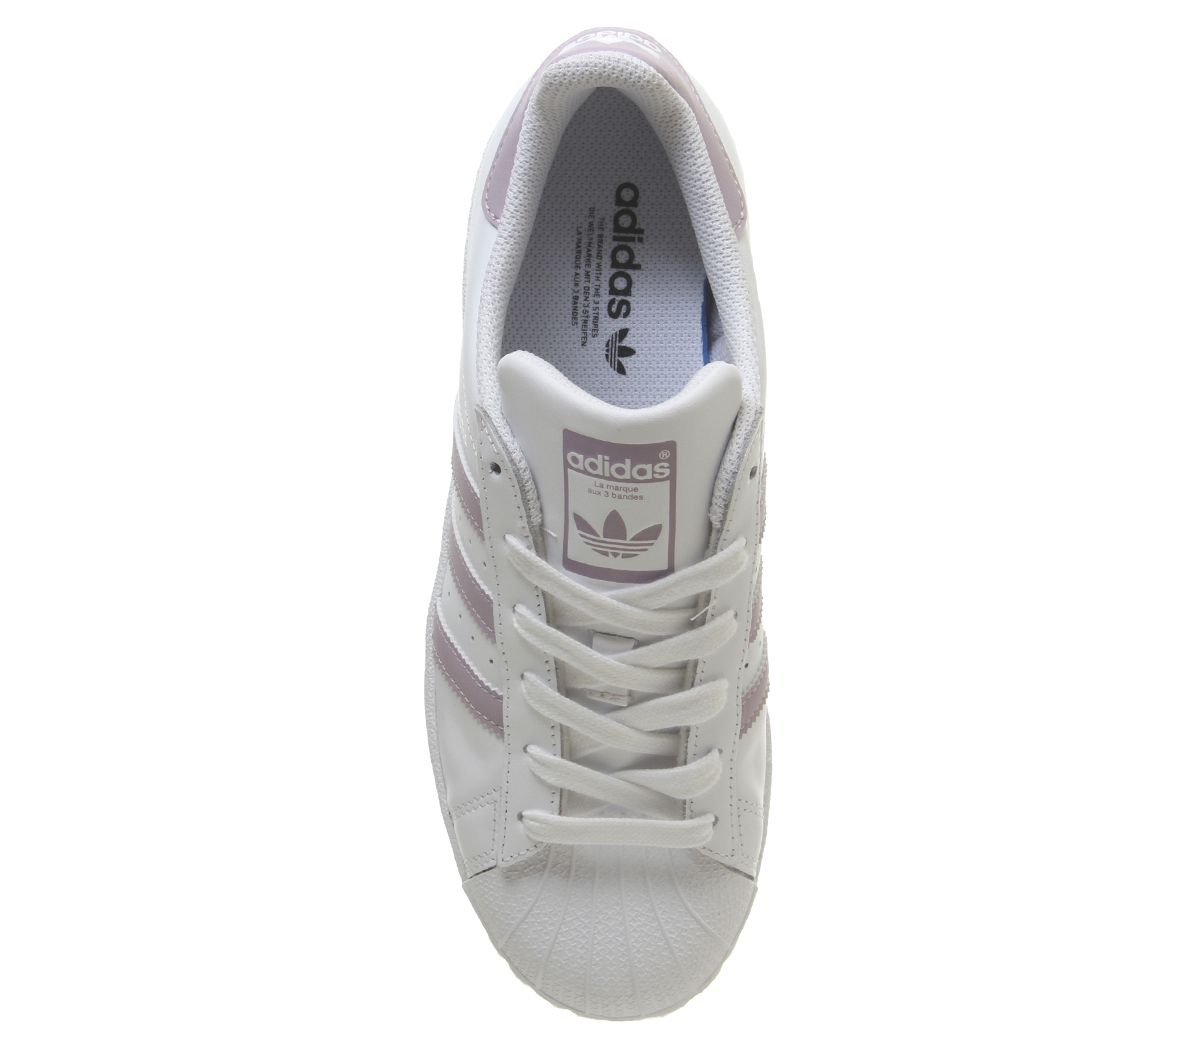 5e0c1c3cd4c Mujer Adidas Superstar 1 Zapatillas Blancas Suave Vision Negro ...